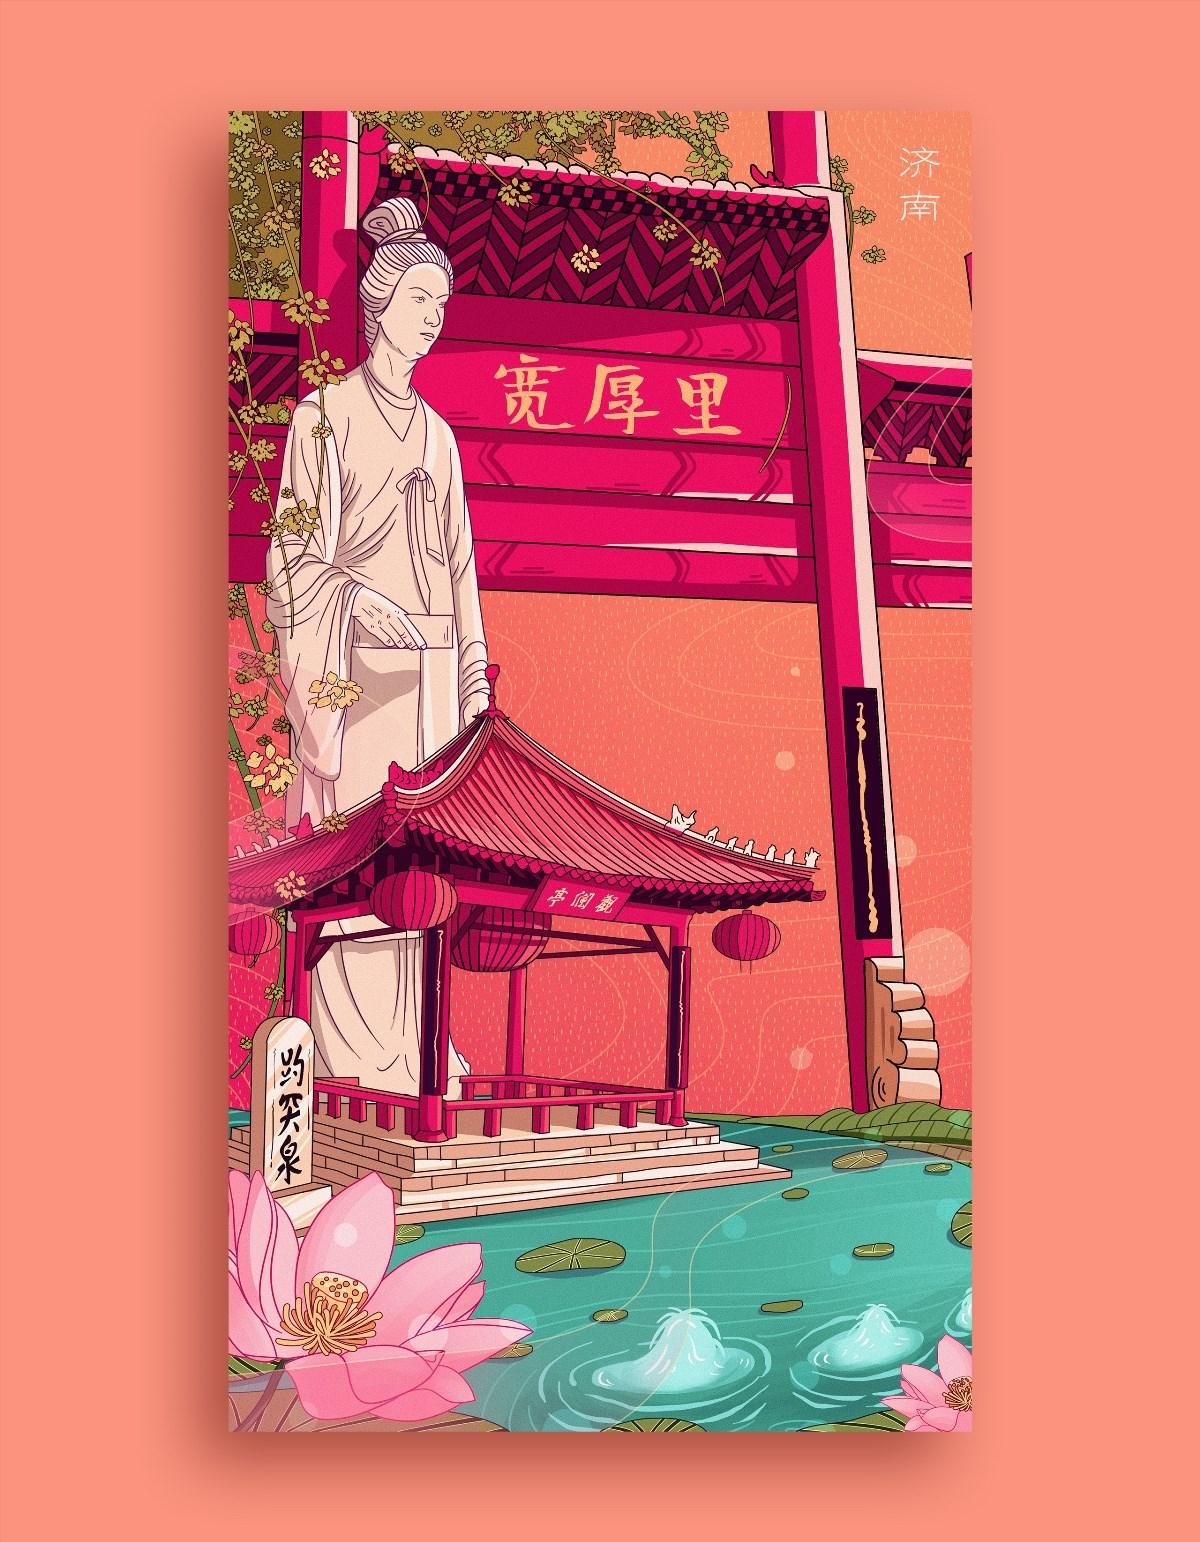 华夏血脉---济南---插画002